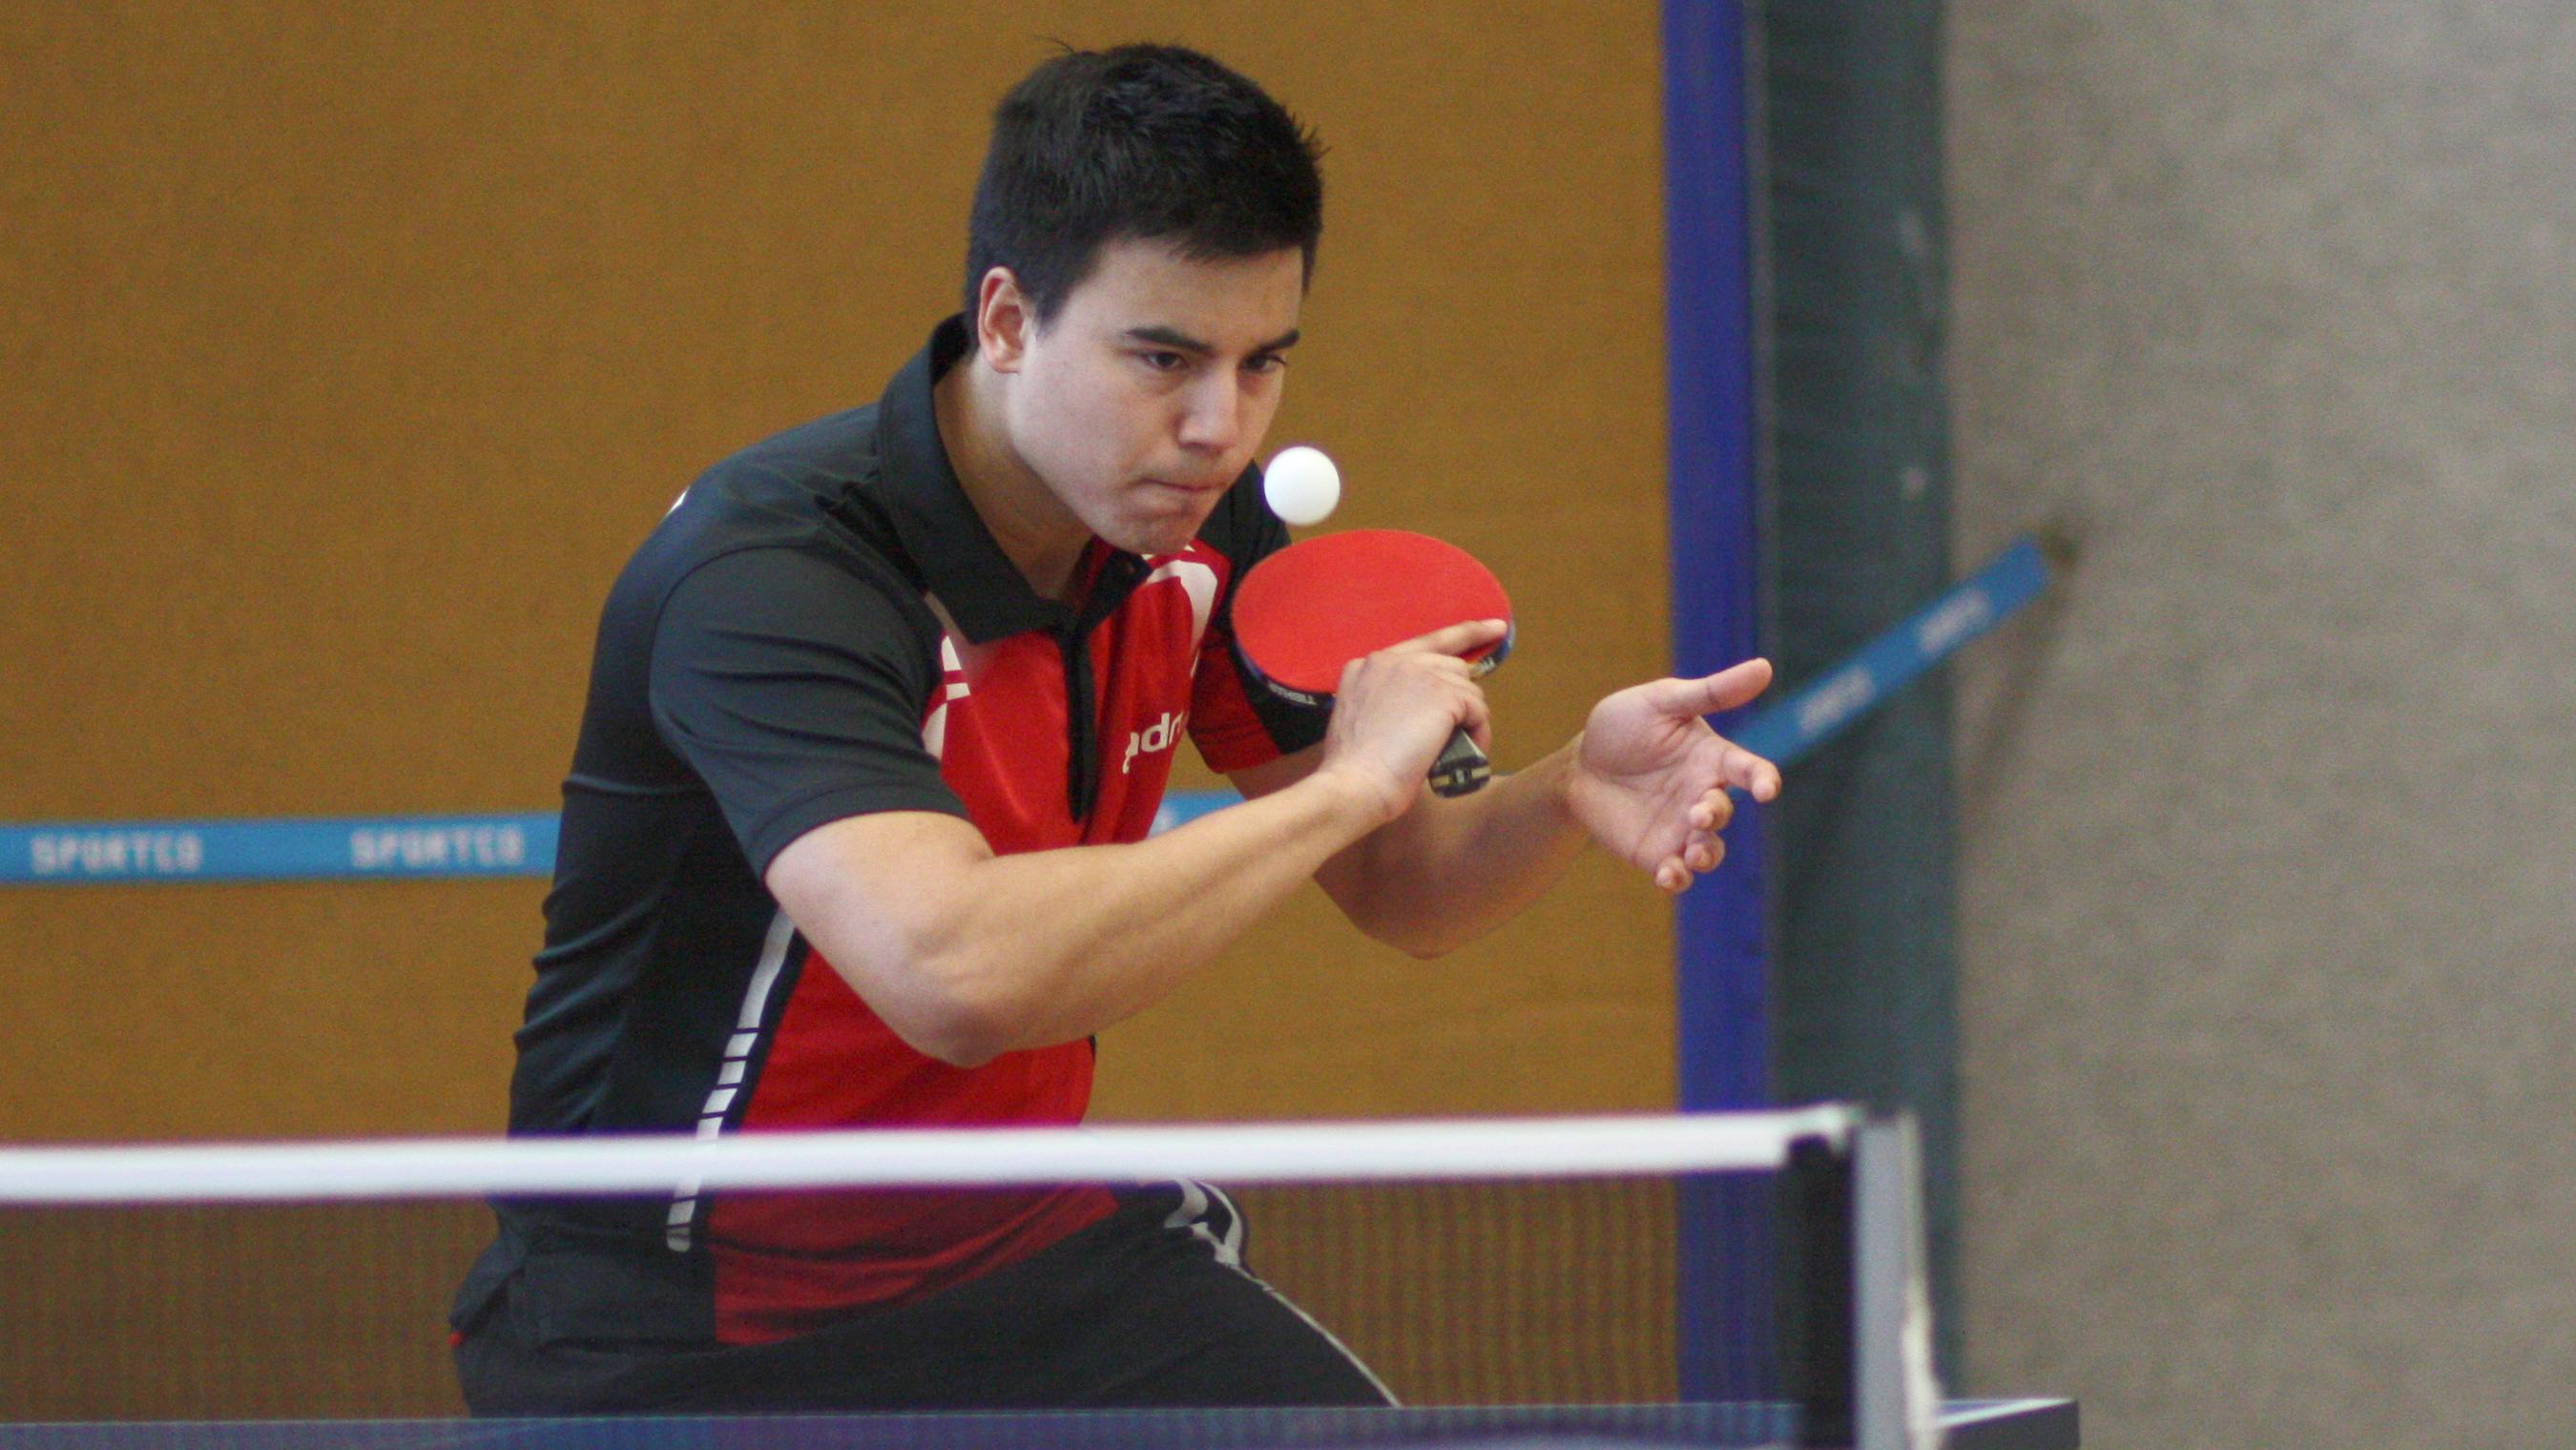 Sieg im Doppel und in seinem zweiten Einzel ein 0:2 in 3:2 gedreht - Marc im Spiel gegen Köpenick